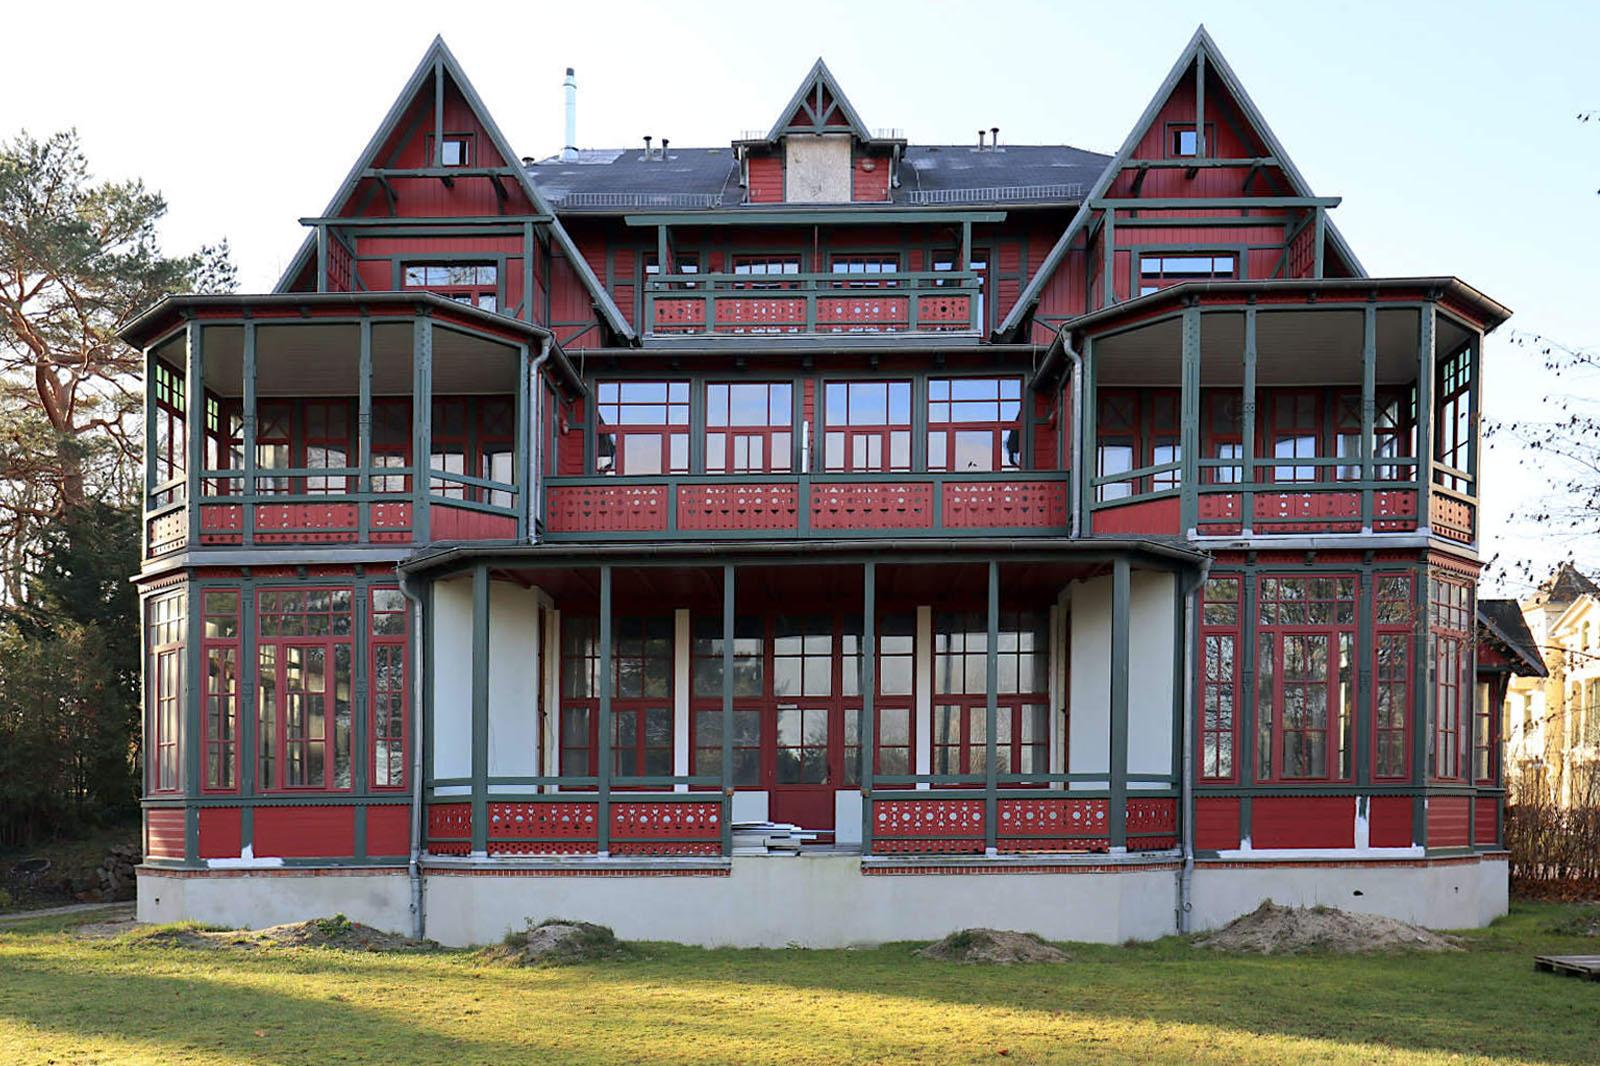 Heringsdorf. Die Villa Auguste Victoria an der südlichen Promenade (1893) entstand wie viele andere Bauten nach Entwürfen des Berliner Architekten Johannes Lange. Die aufwendig gestaltete Pension war ursprünglich mit Schindeln aus amerikanischem Hartholz gedeckt.